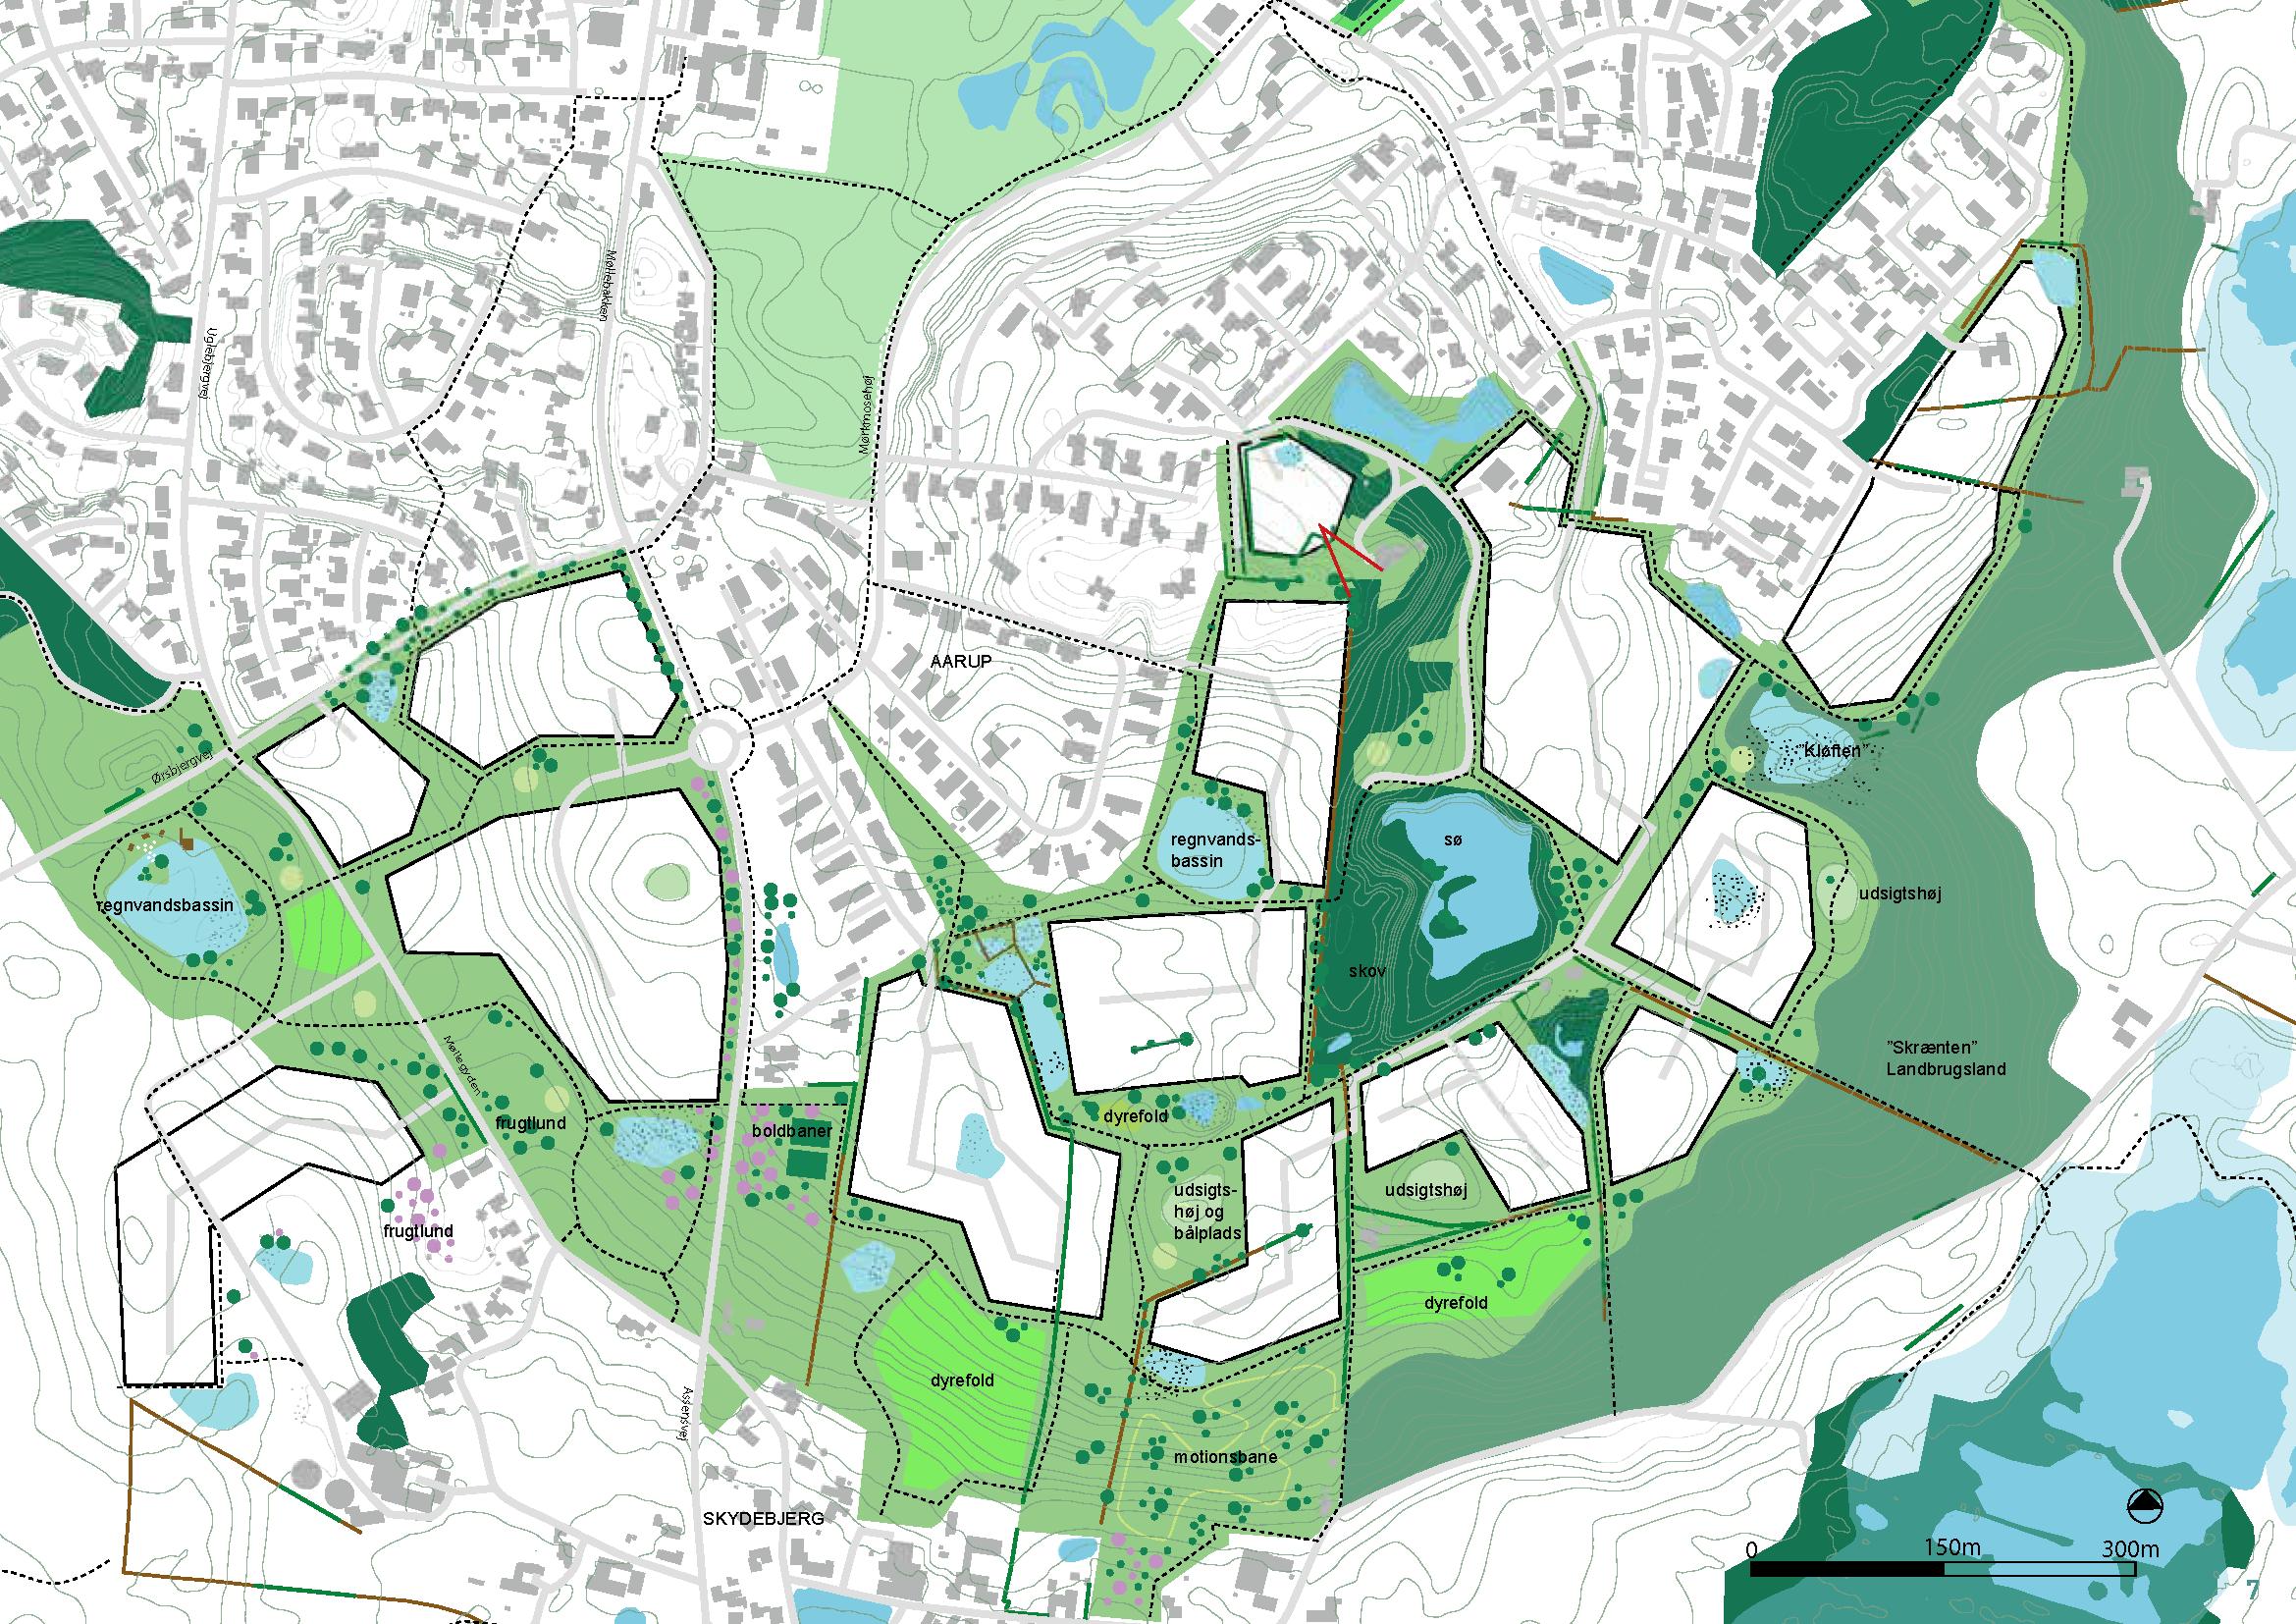 Byvækstplanen tager afsæt i det kuperede terræn og de landskabelige værdier som giver området en særlig identitet